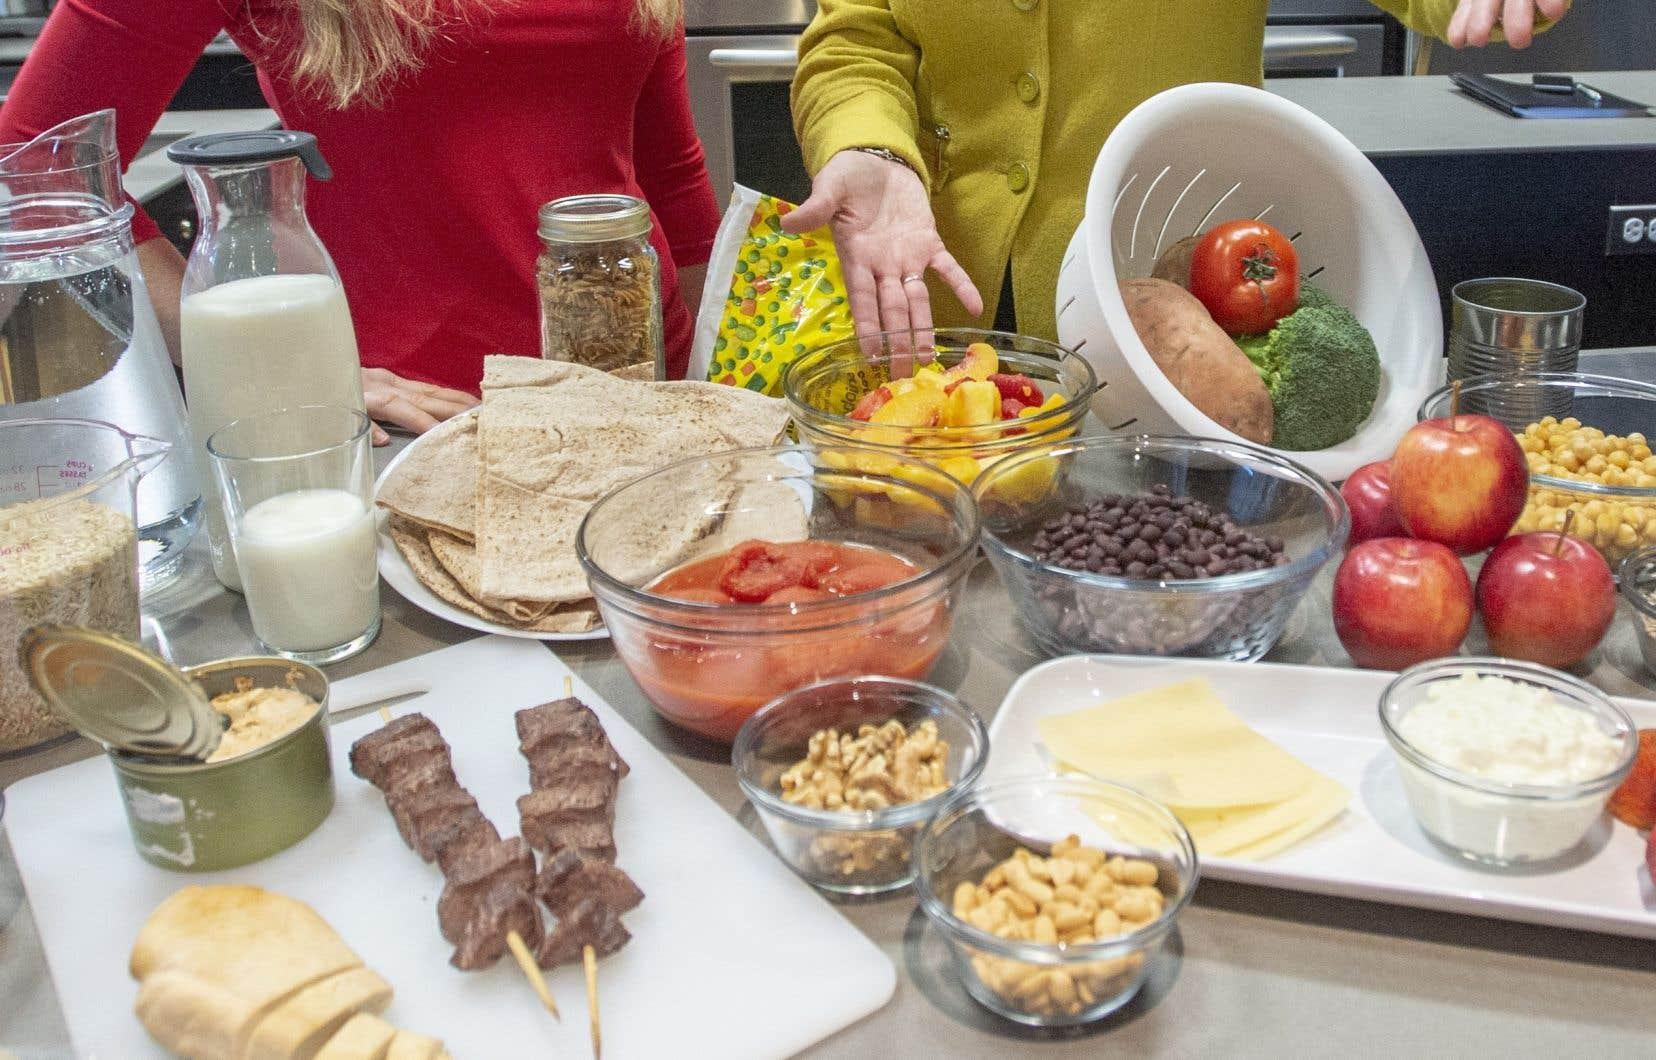 En plus d'encourager une alimentation riche en fruits et légumes et en protéines autres qu'animales, la nouvelle mouture du guide alimentaire canadien présente une section consacrée à l'alcool.